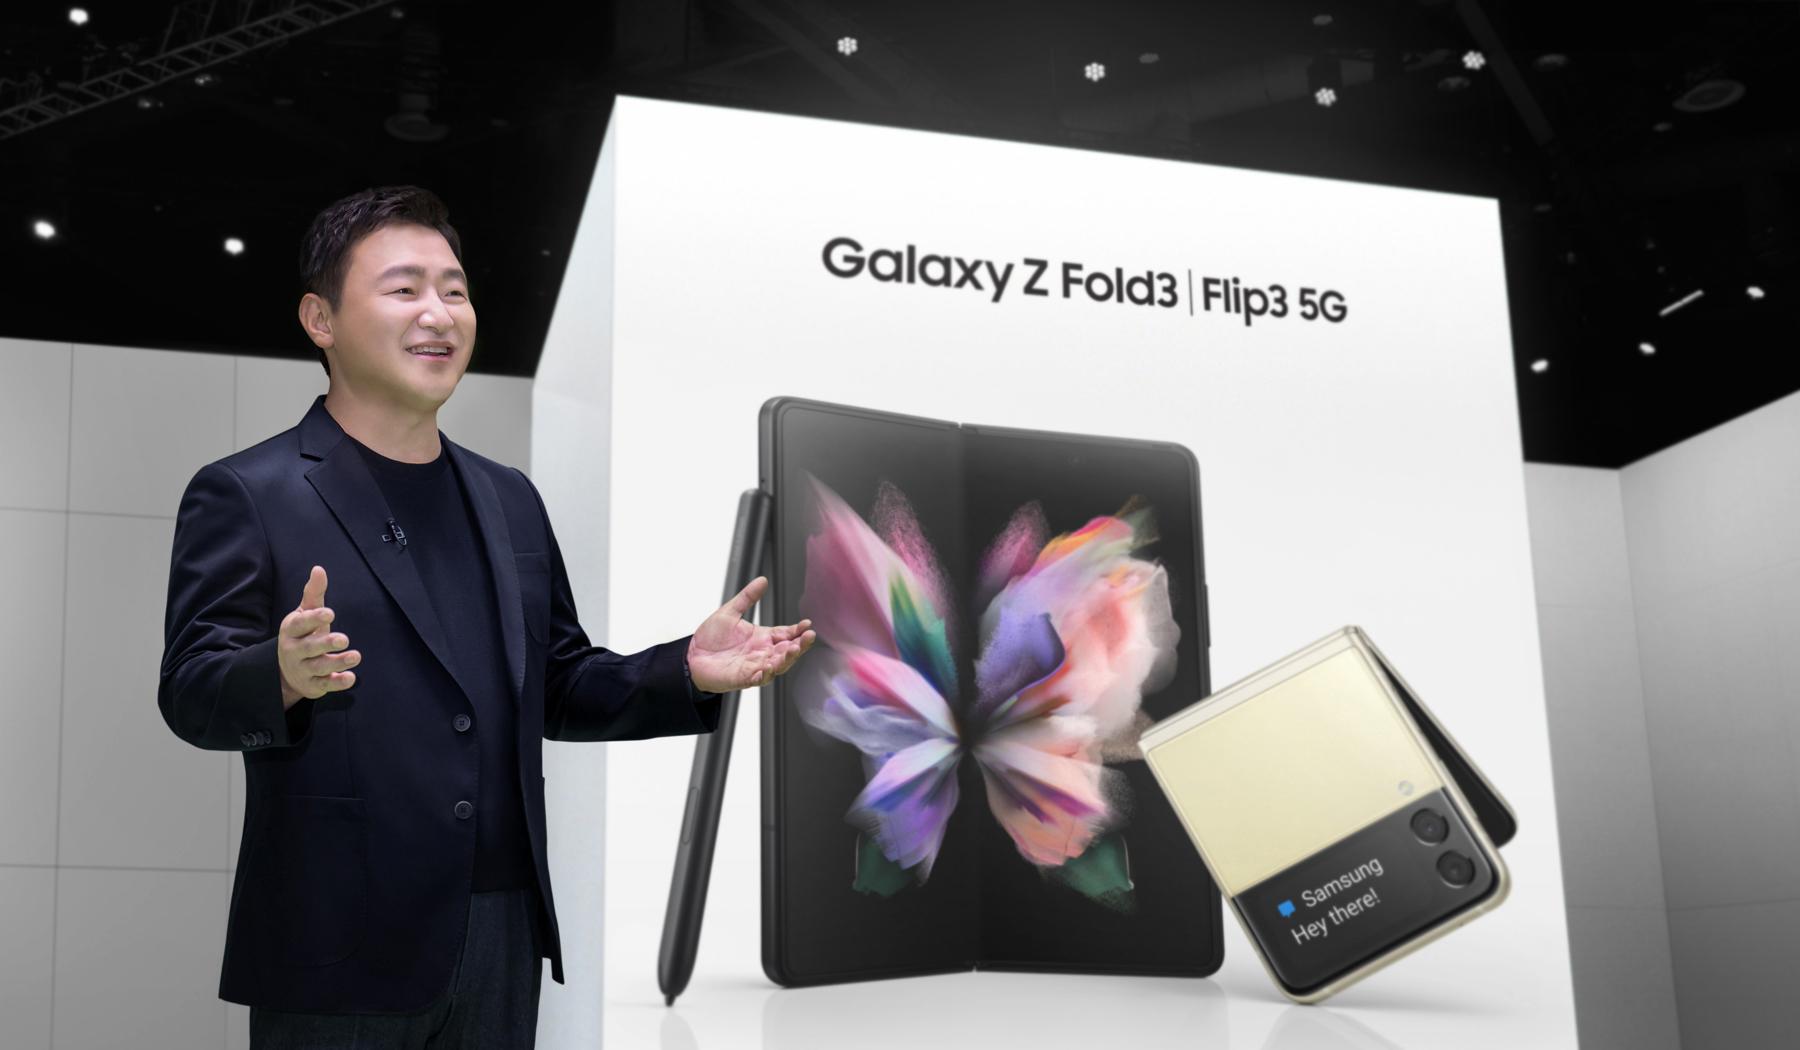 '삼성 갤럭시 언팩 2021'에서 삼성전자 무선사업부장 노태문 사장이 '갤럭시 Z 폴드3'와 '갤럭시 Z 플립3'를 소개하는 모습